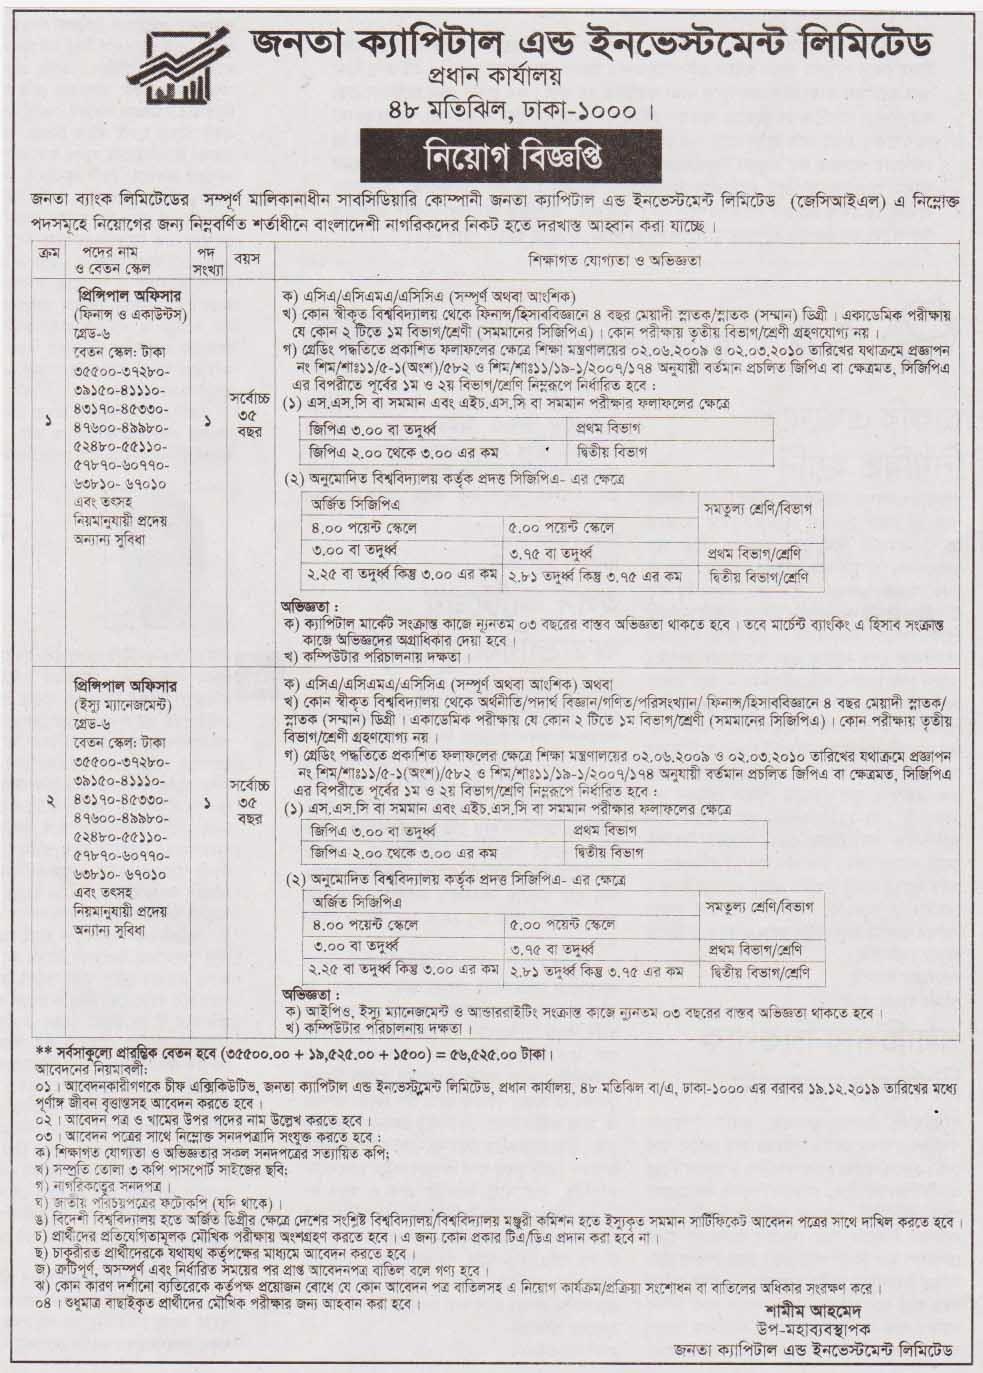 Janata Capital and Investment Limited Job Circular